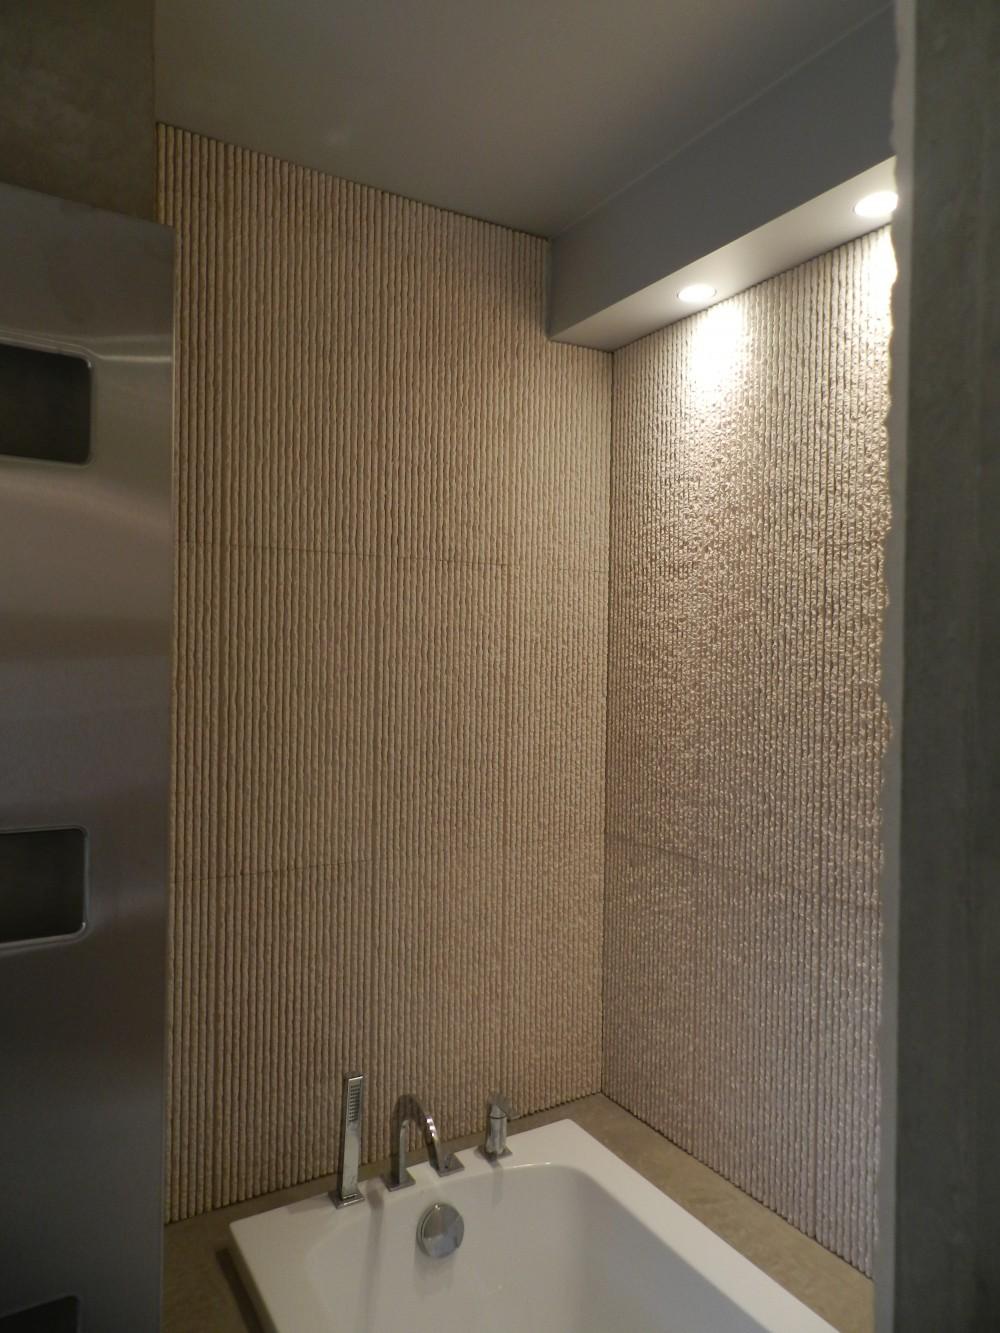 Réaménagement d'une salle de bain, intimiste et raffinée